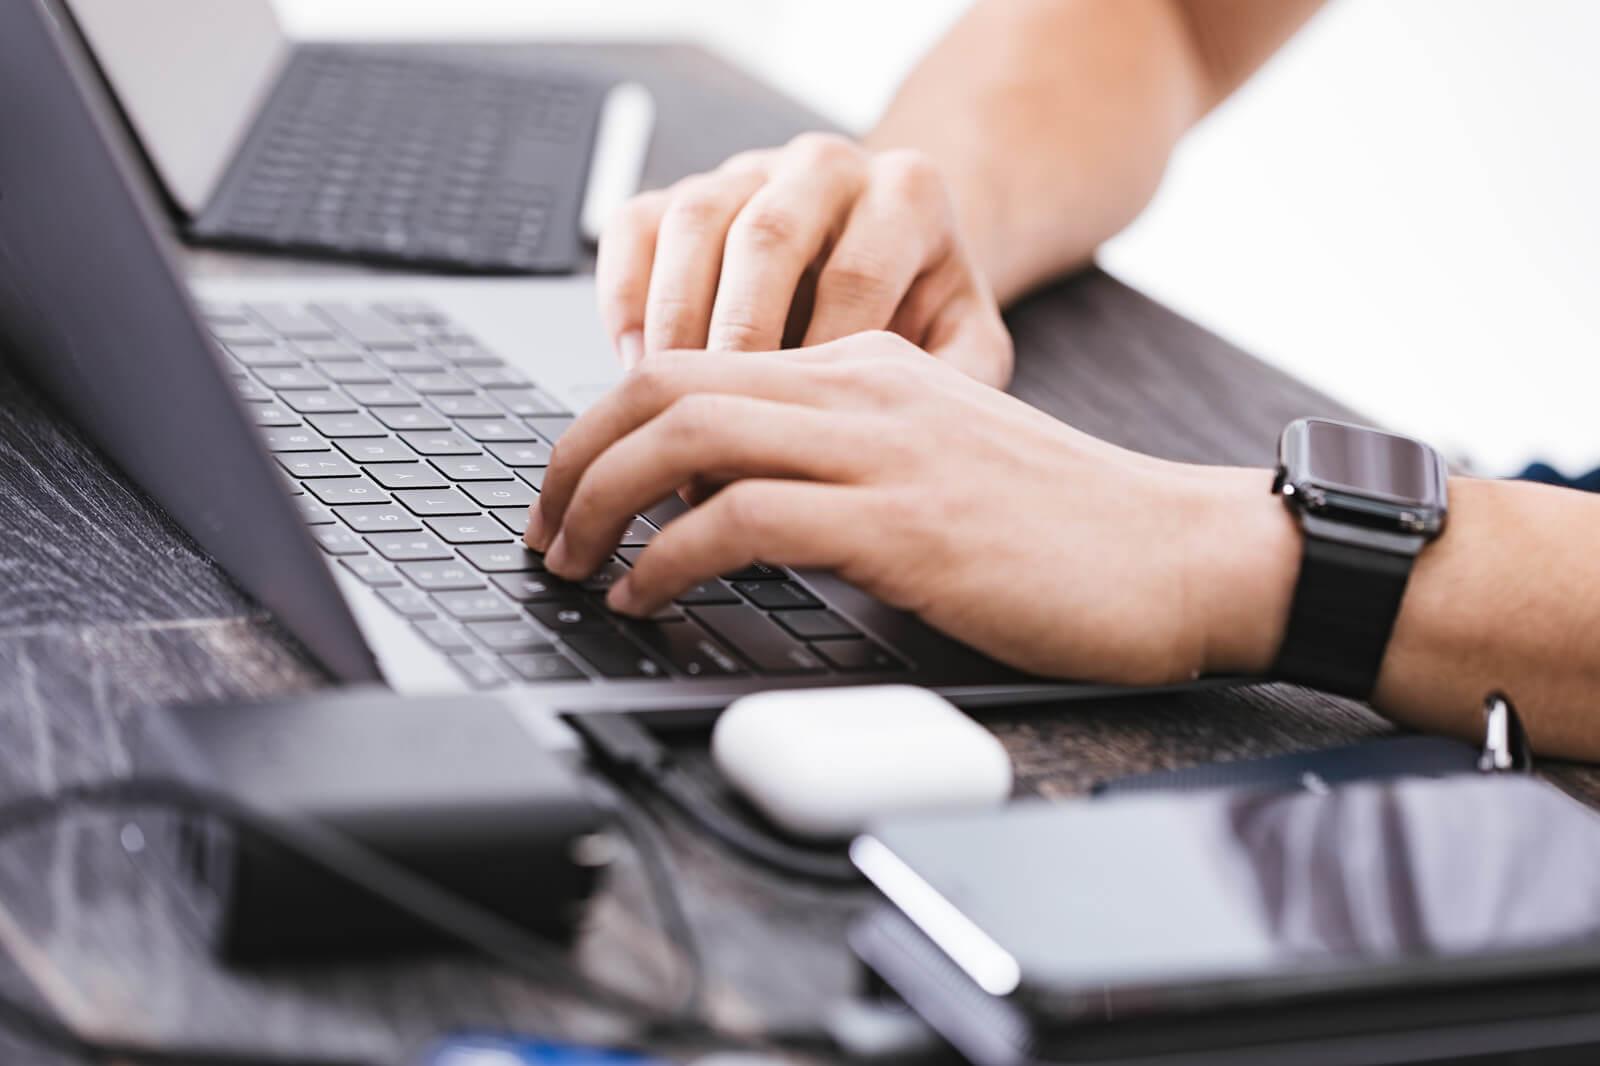 ブログは、どこまで書けばいい?の答え。ノウハウ書きすぎると依頼してくれないんじゃ…という不安を解消